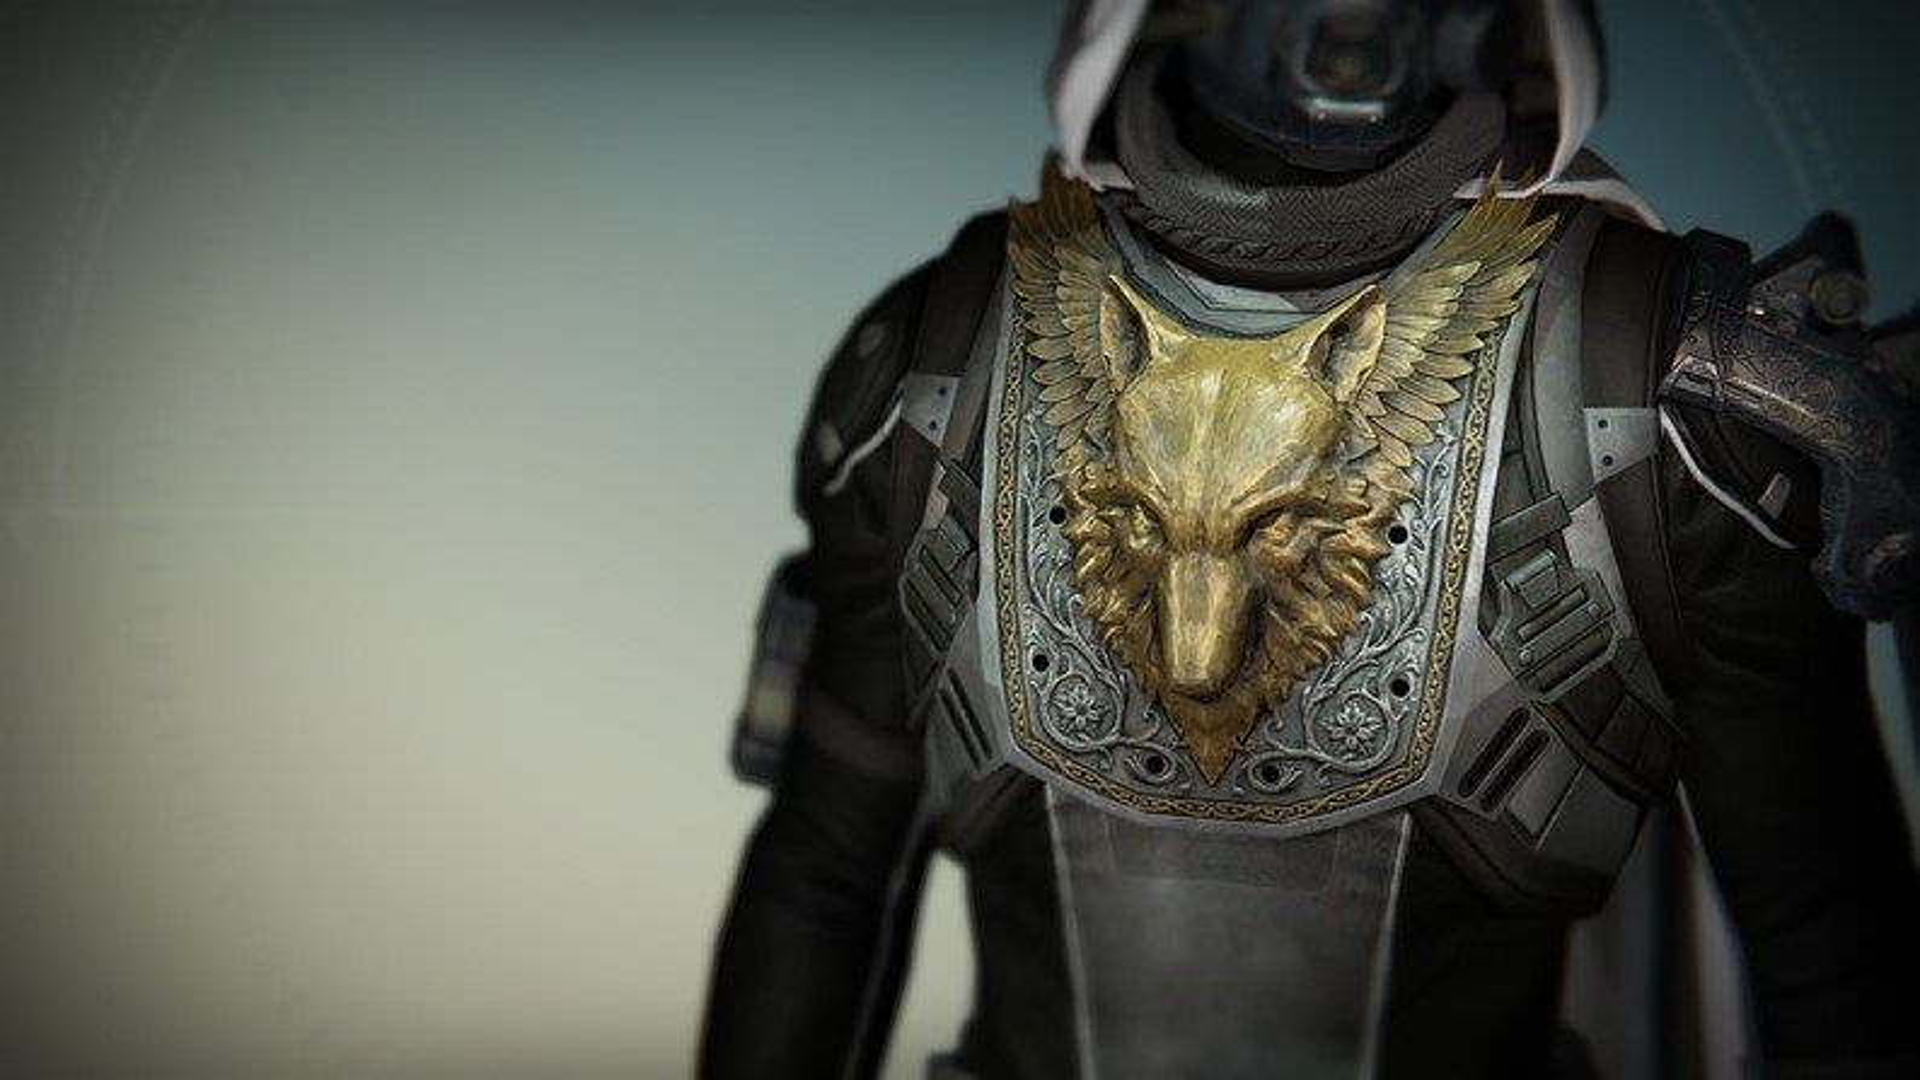 Bungie divulga gameplay de Destiny e mais detalhes sobre o jogo